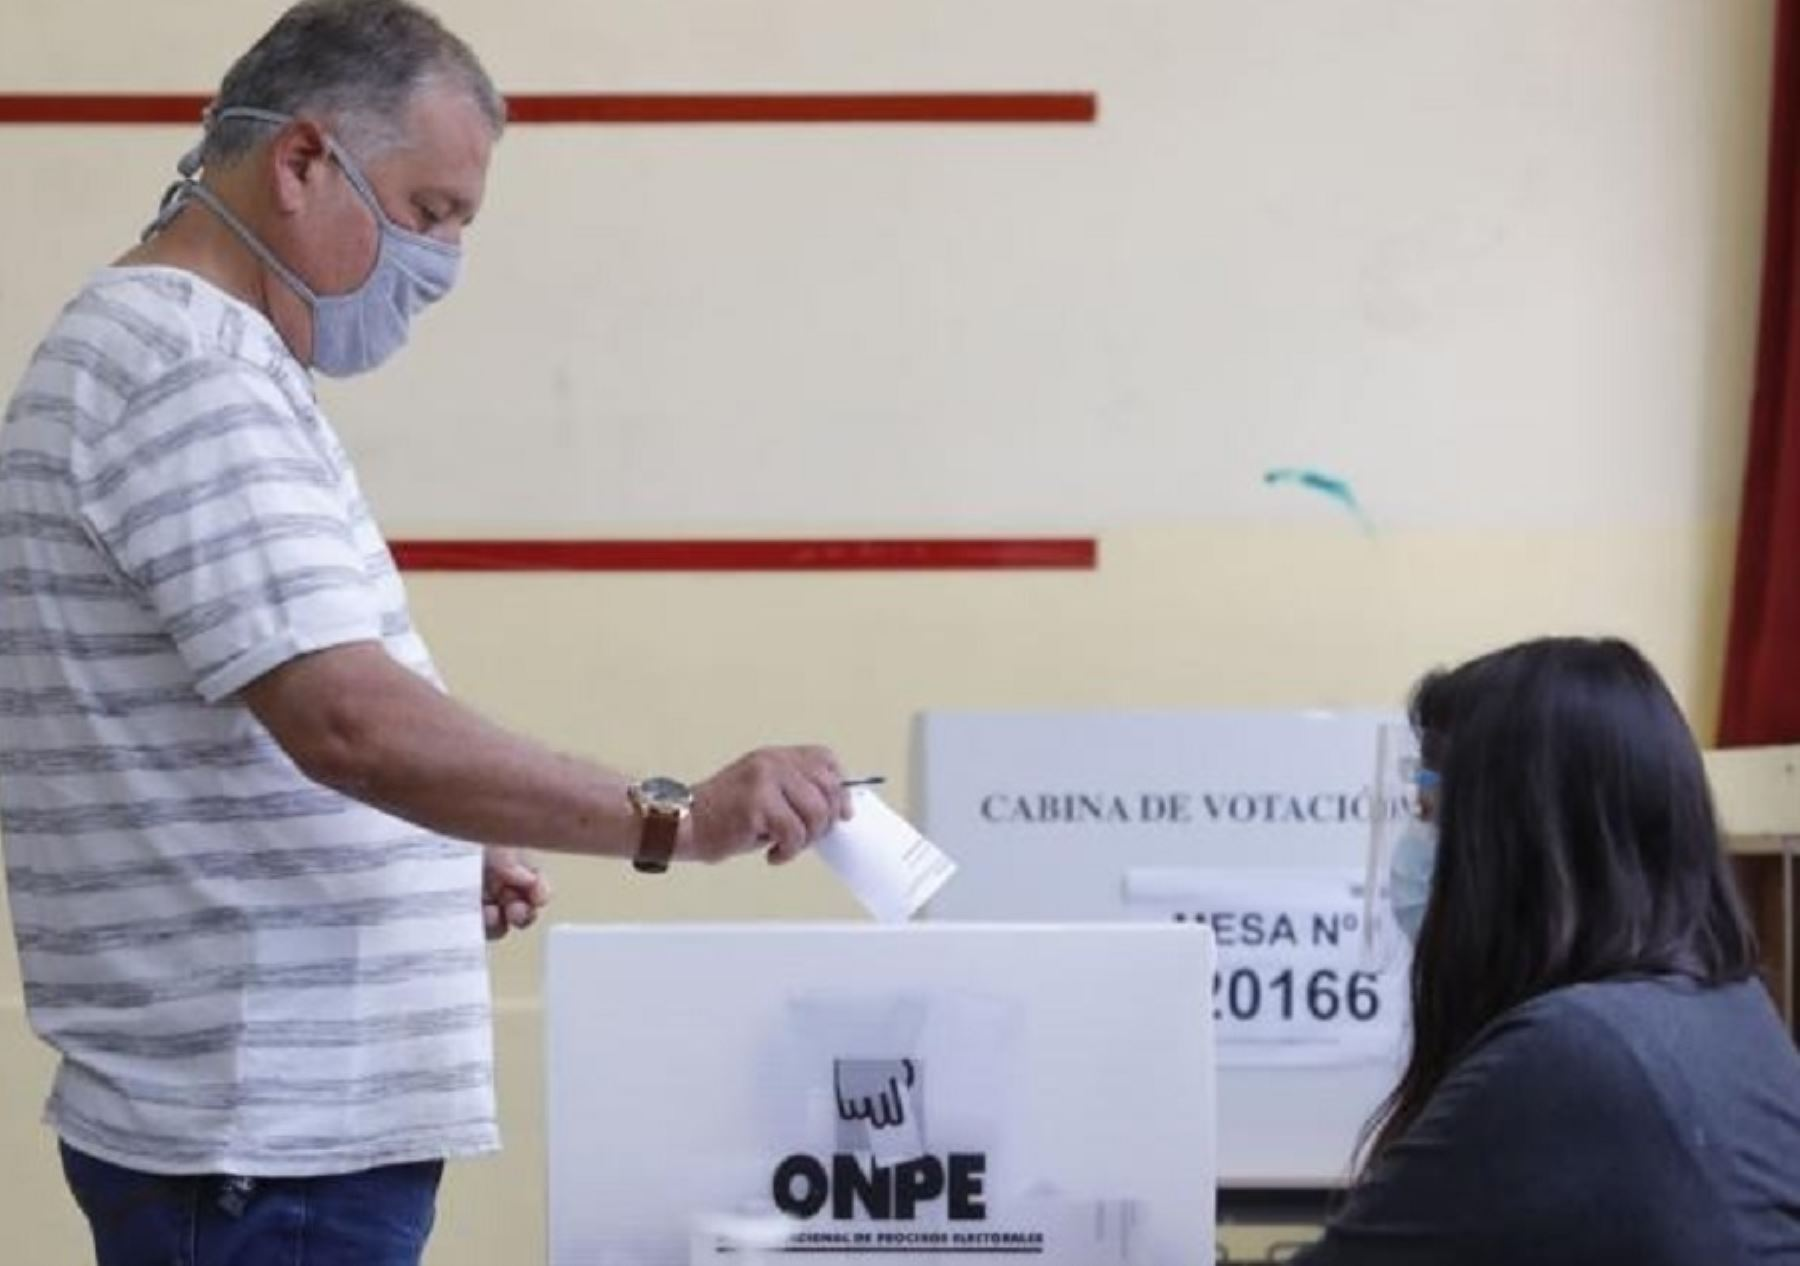 El Organismo Nacional de Procesos Electorales (ONPE) confirmó que en la región San Martín existen 636,330 electores hábiles para sufragar mañana en 2,188 mesas ubicadas en 324 locales de sufragio, distribuidos en las 10 provincias del departamento.